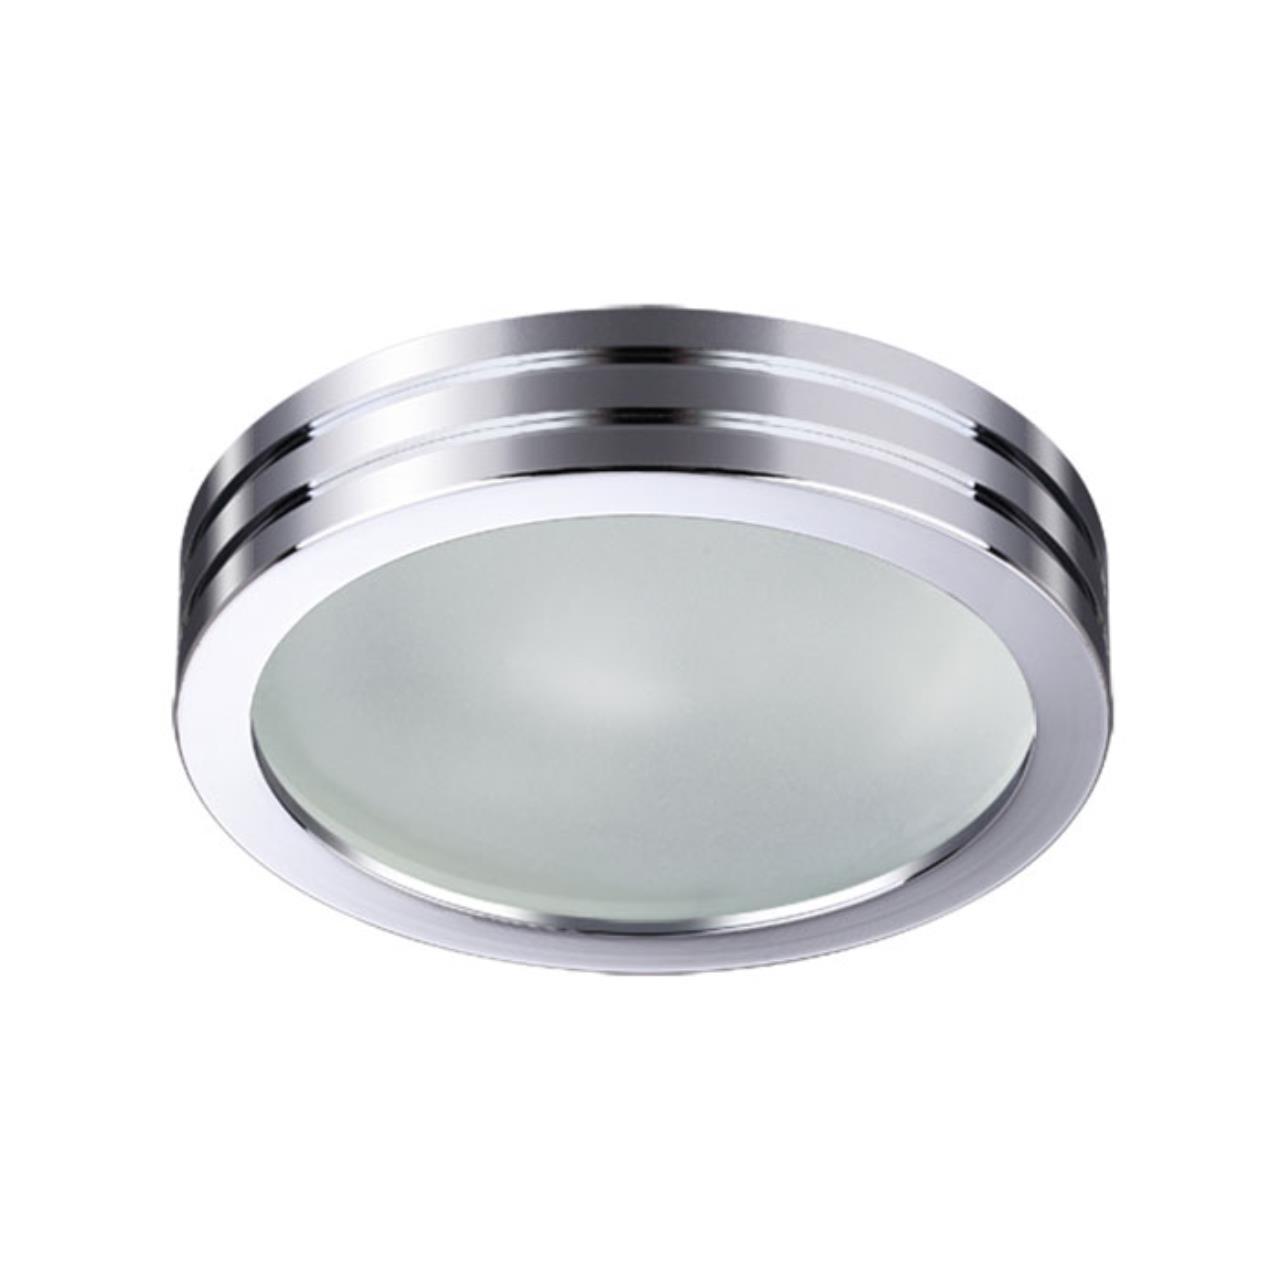 370388 SPOT NT18 139 хром Встраиваемый светильник GX5.3 50W 12V DAMLA